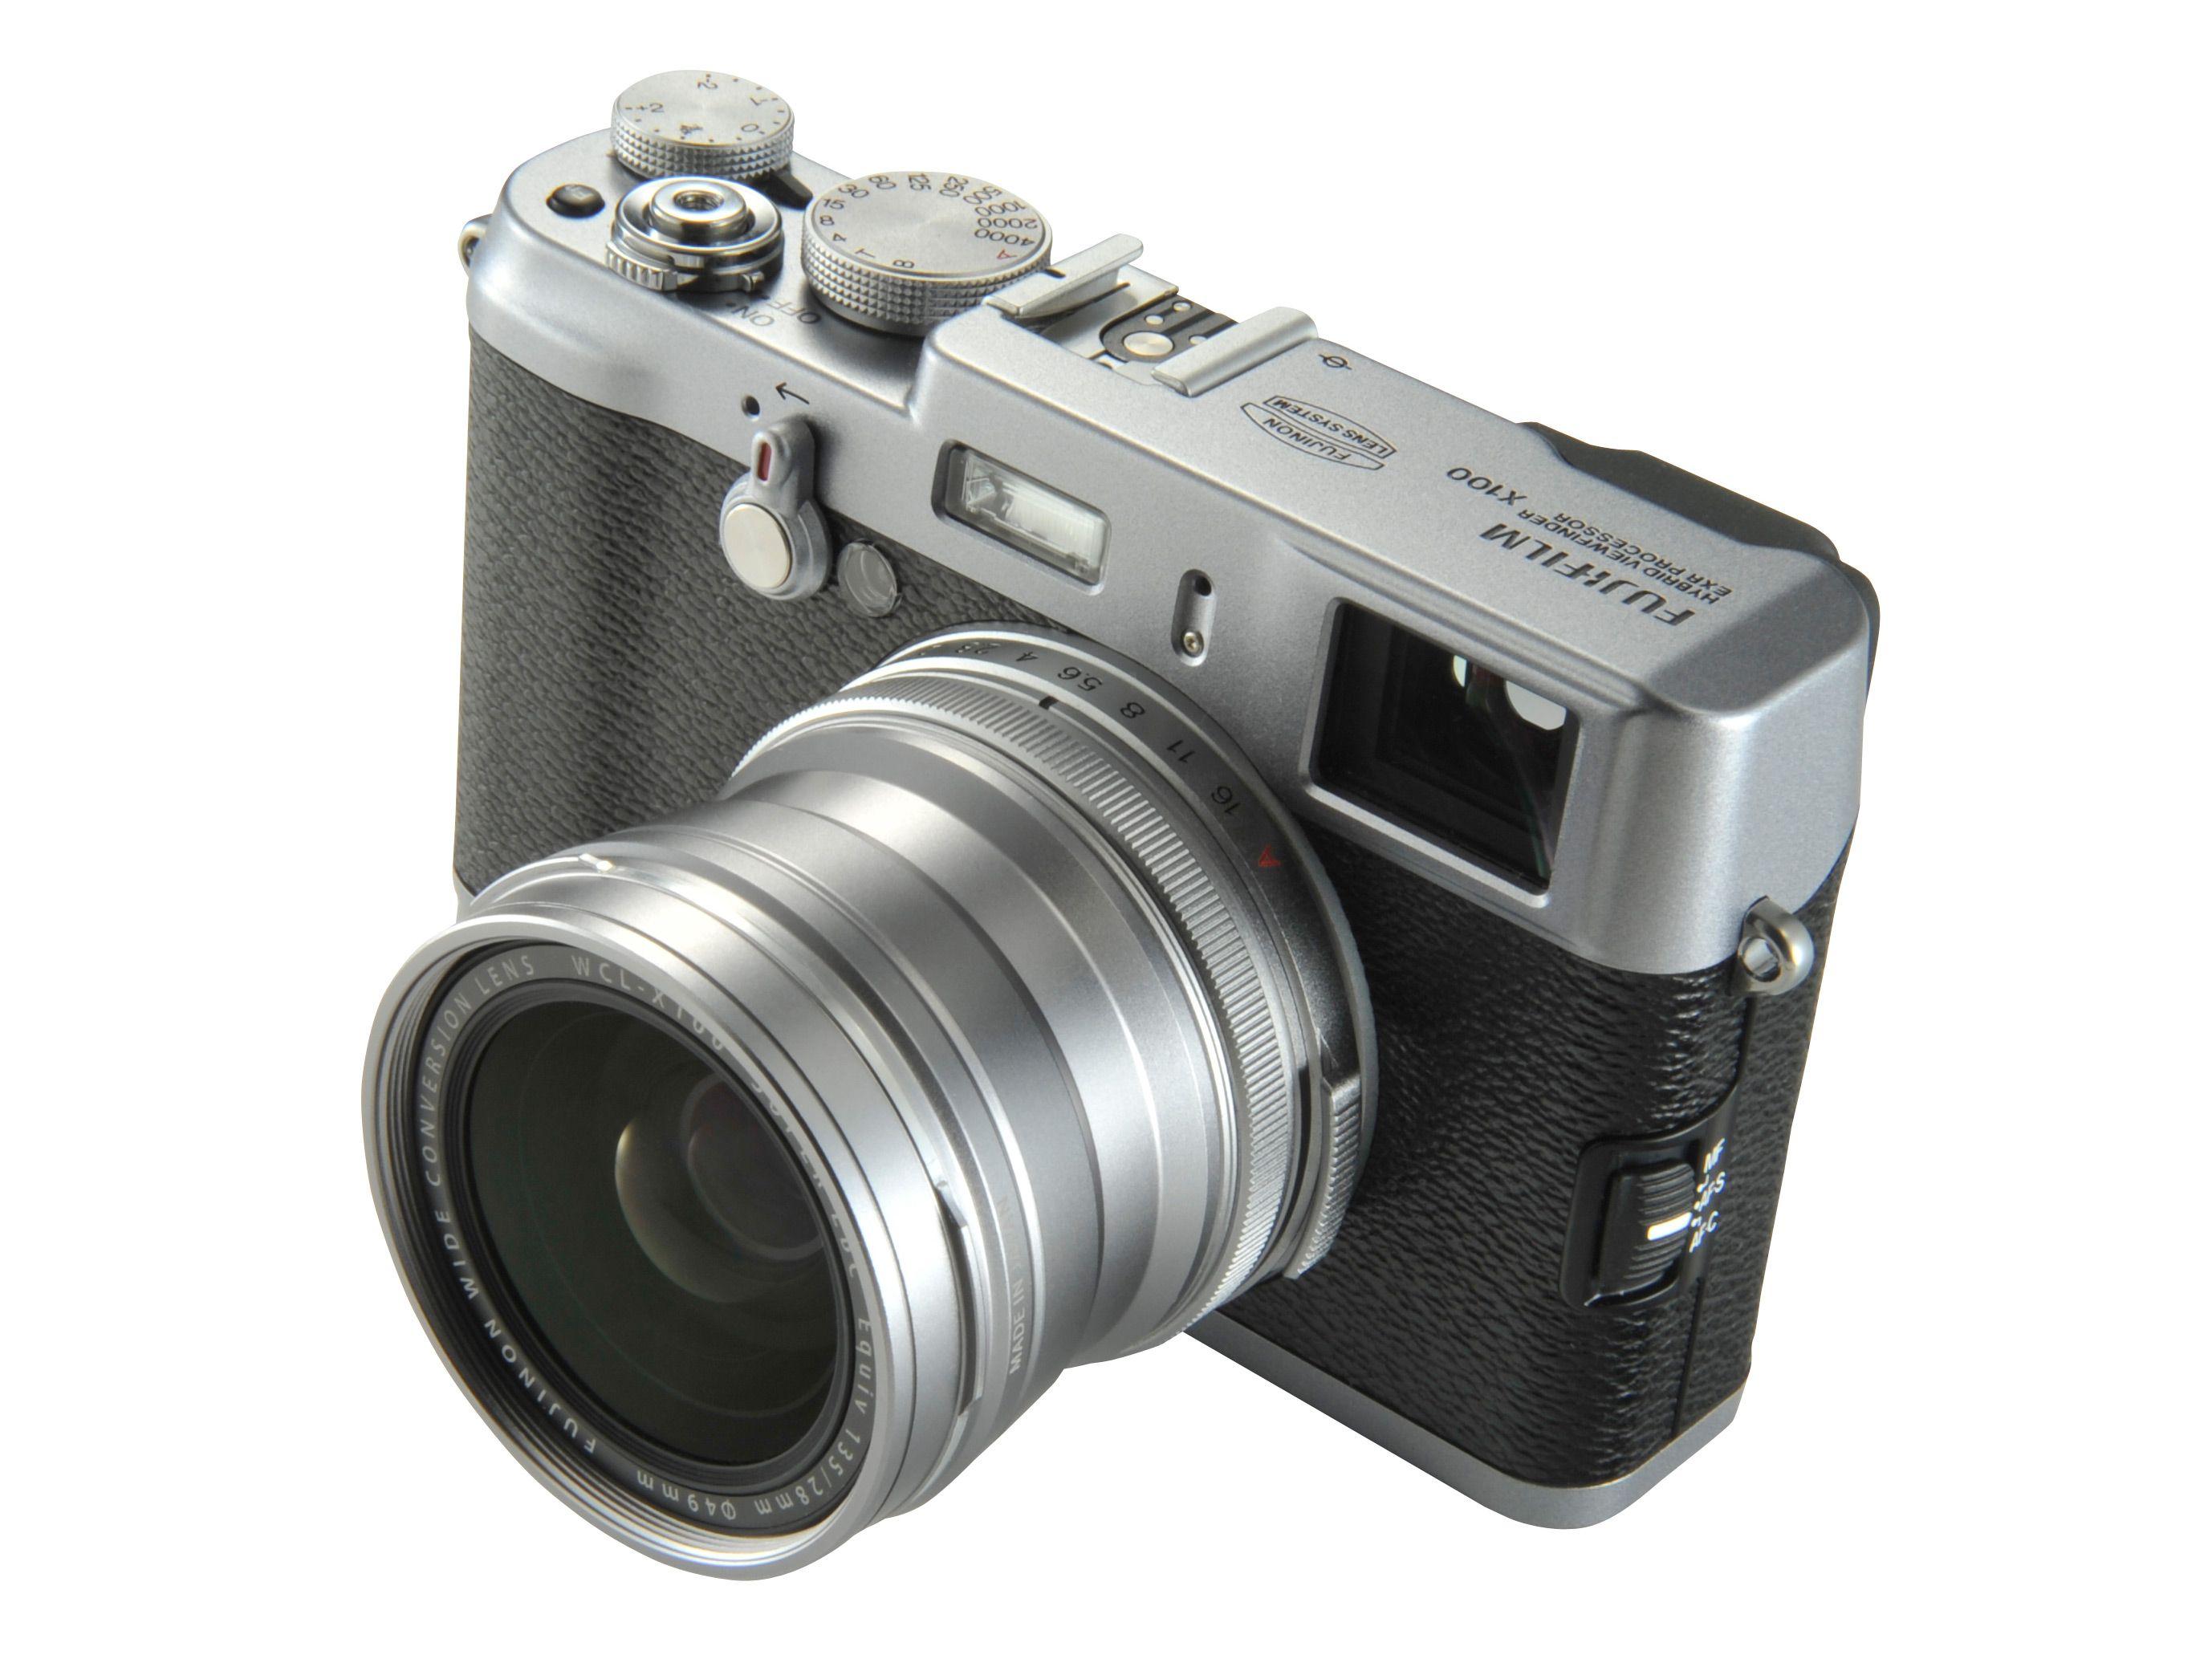 Fujifilm X100 med den nye vidvinkelforsatsen.